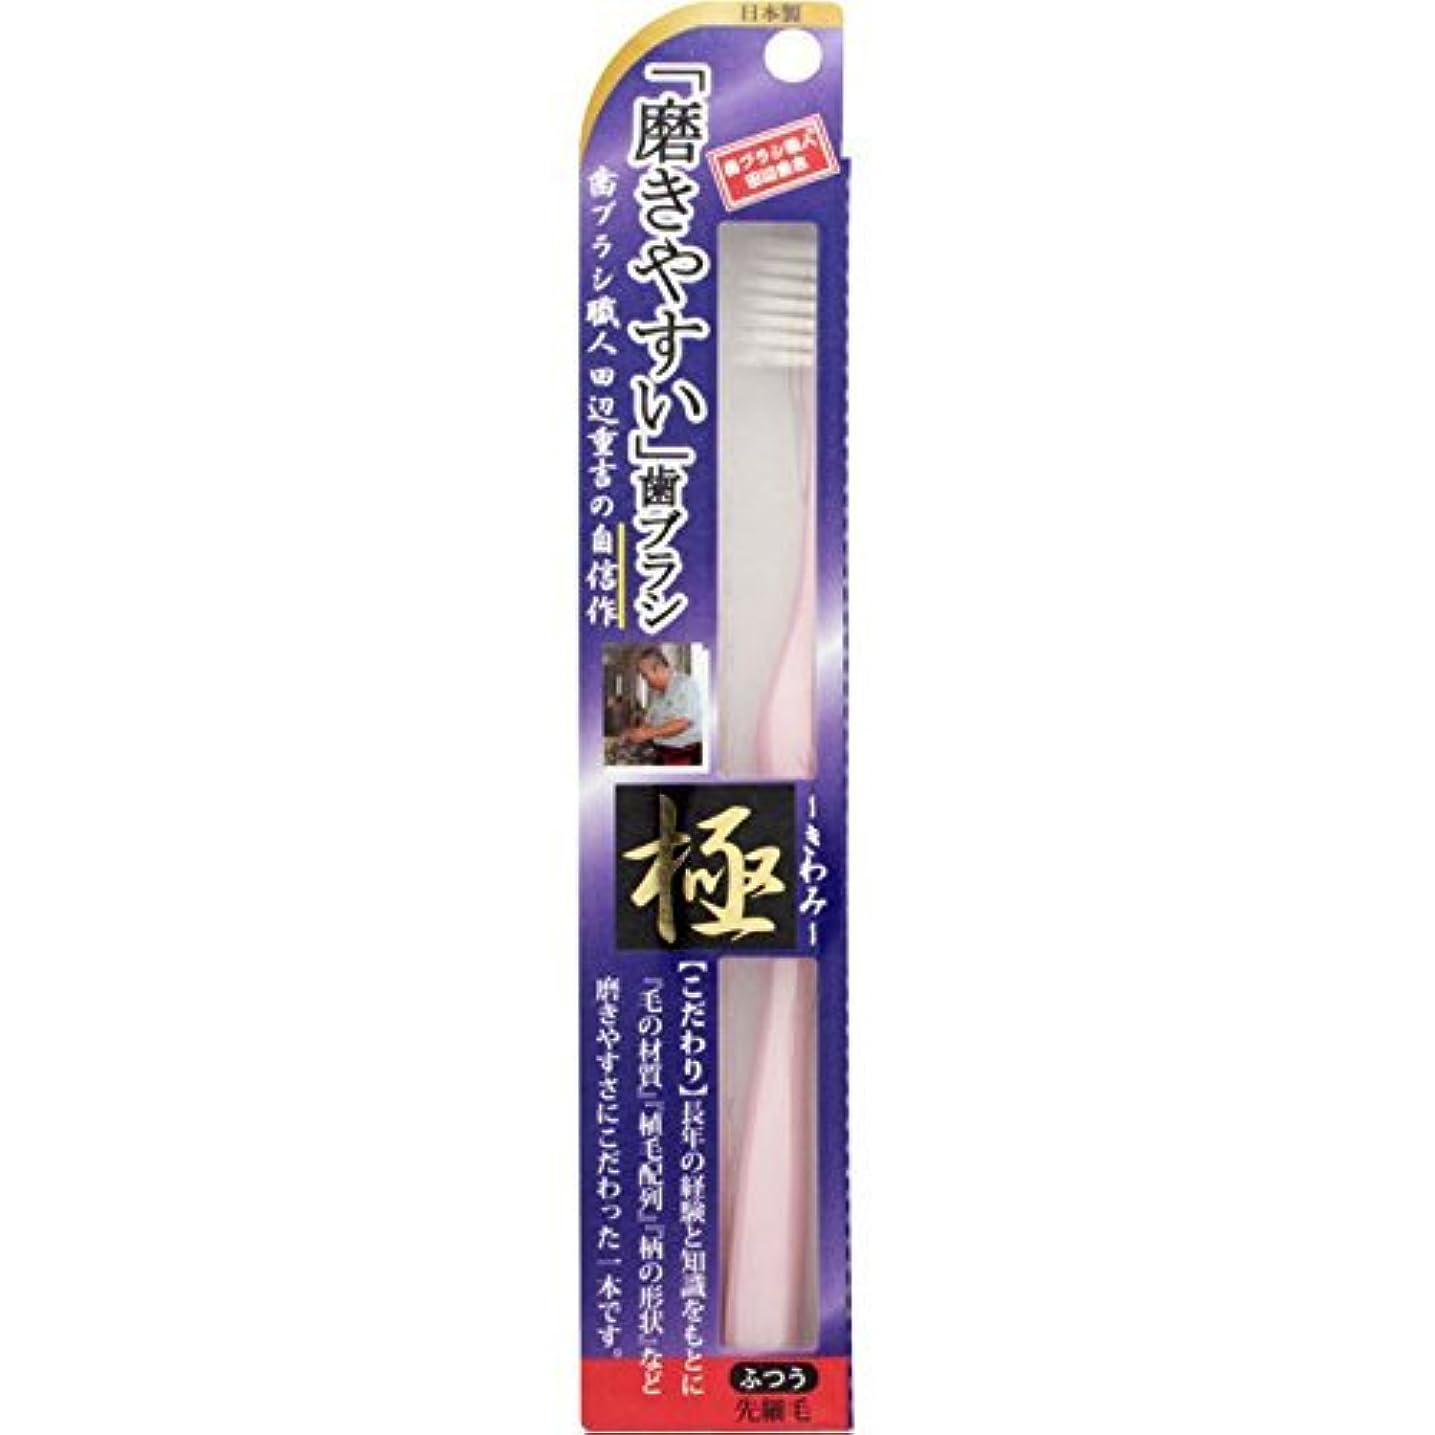 読む等しいストレンジャー【まとめ買い】磨きやすい歯ブラシ 極 LT-22 ×8個